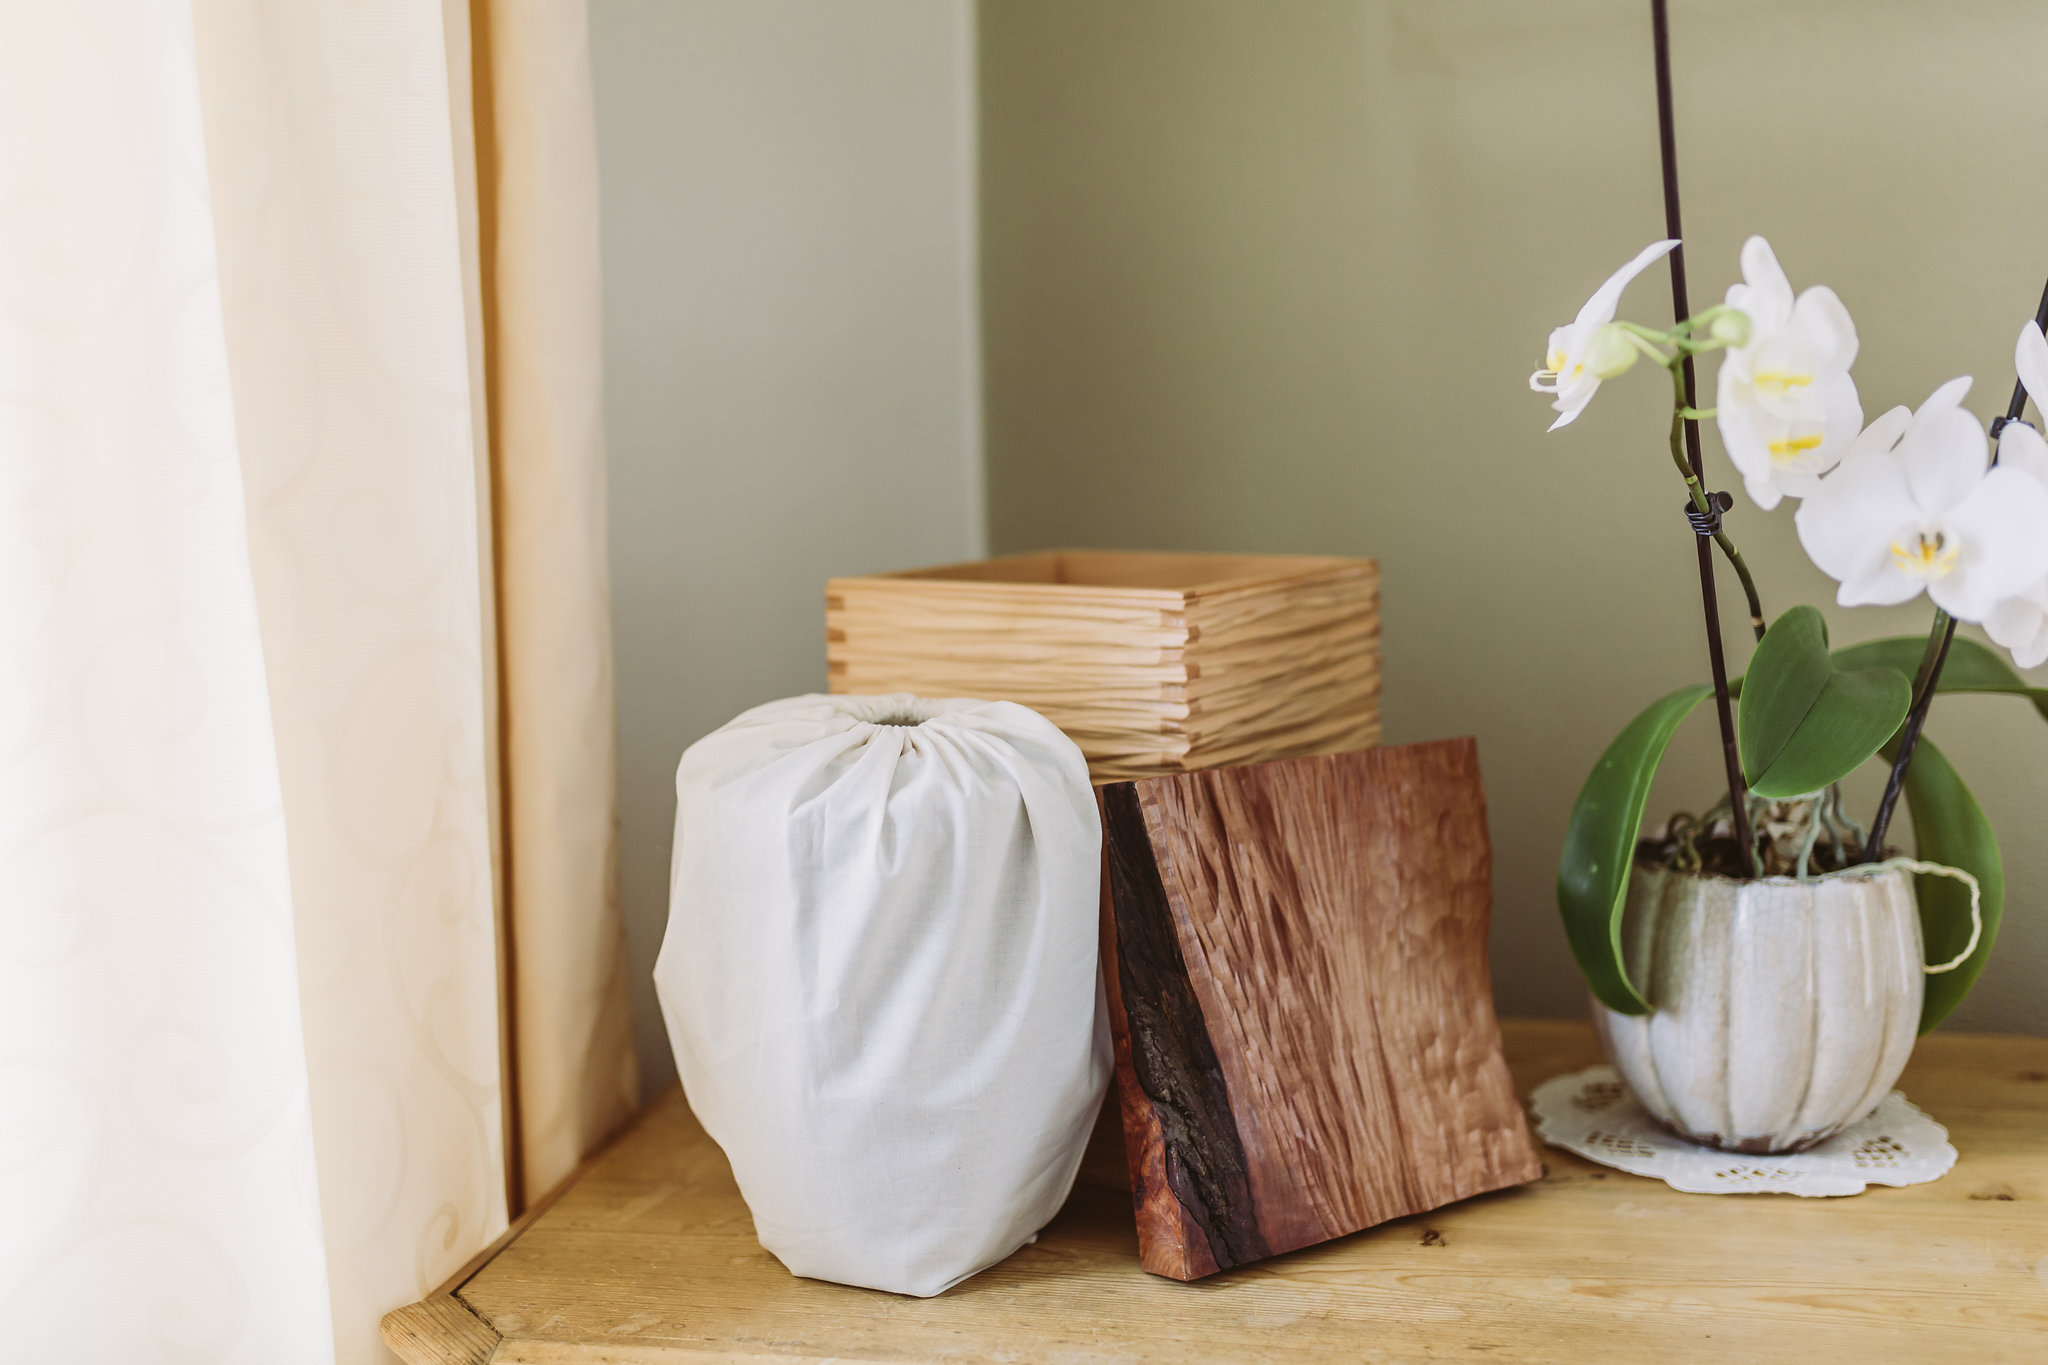 Urne im Wohnraum